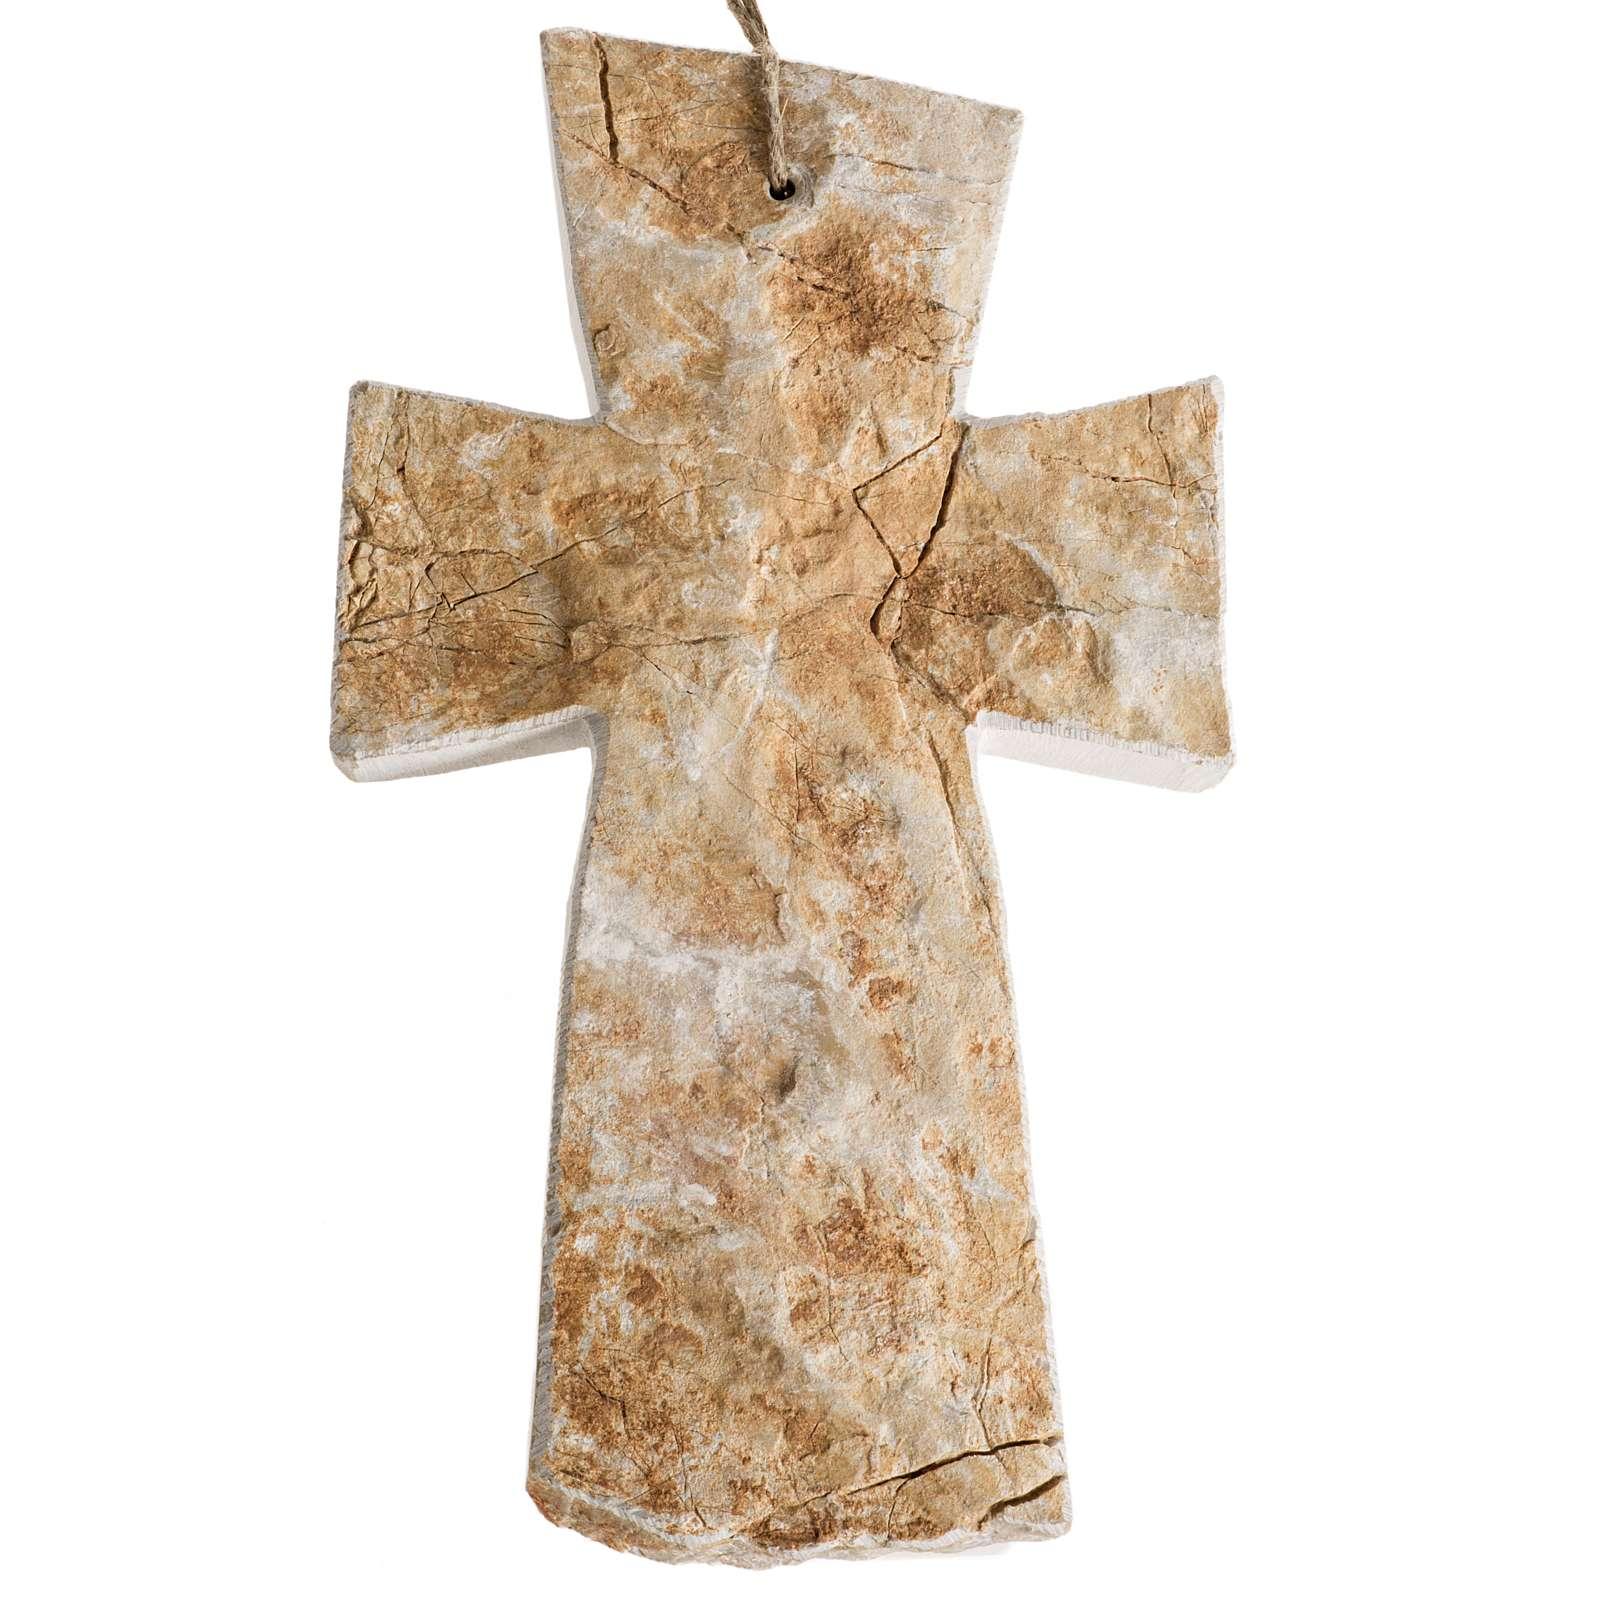 Krzyż kamień czerwony Medjugorje 20x12 cm 4